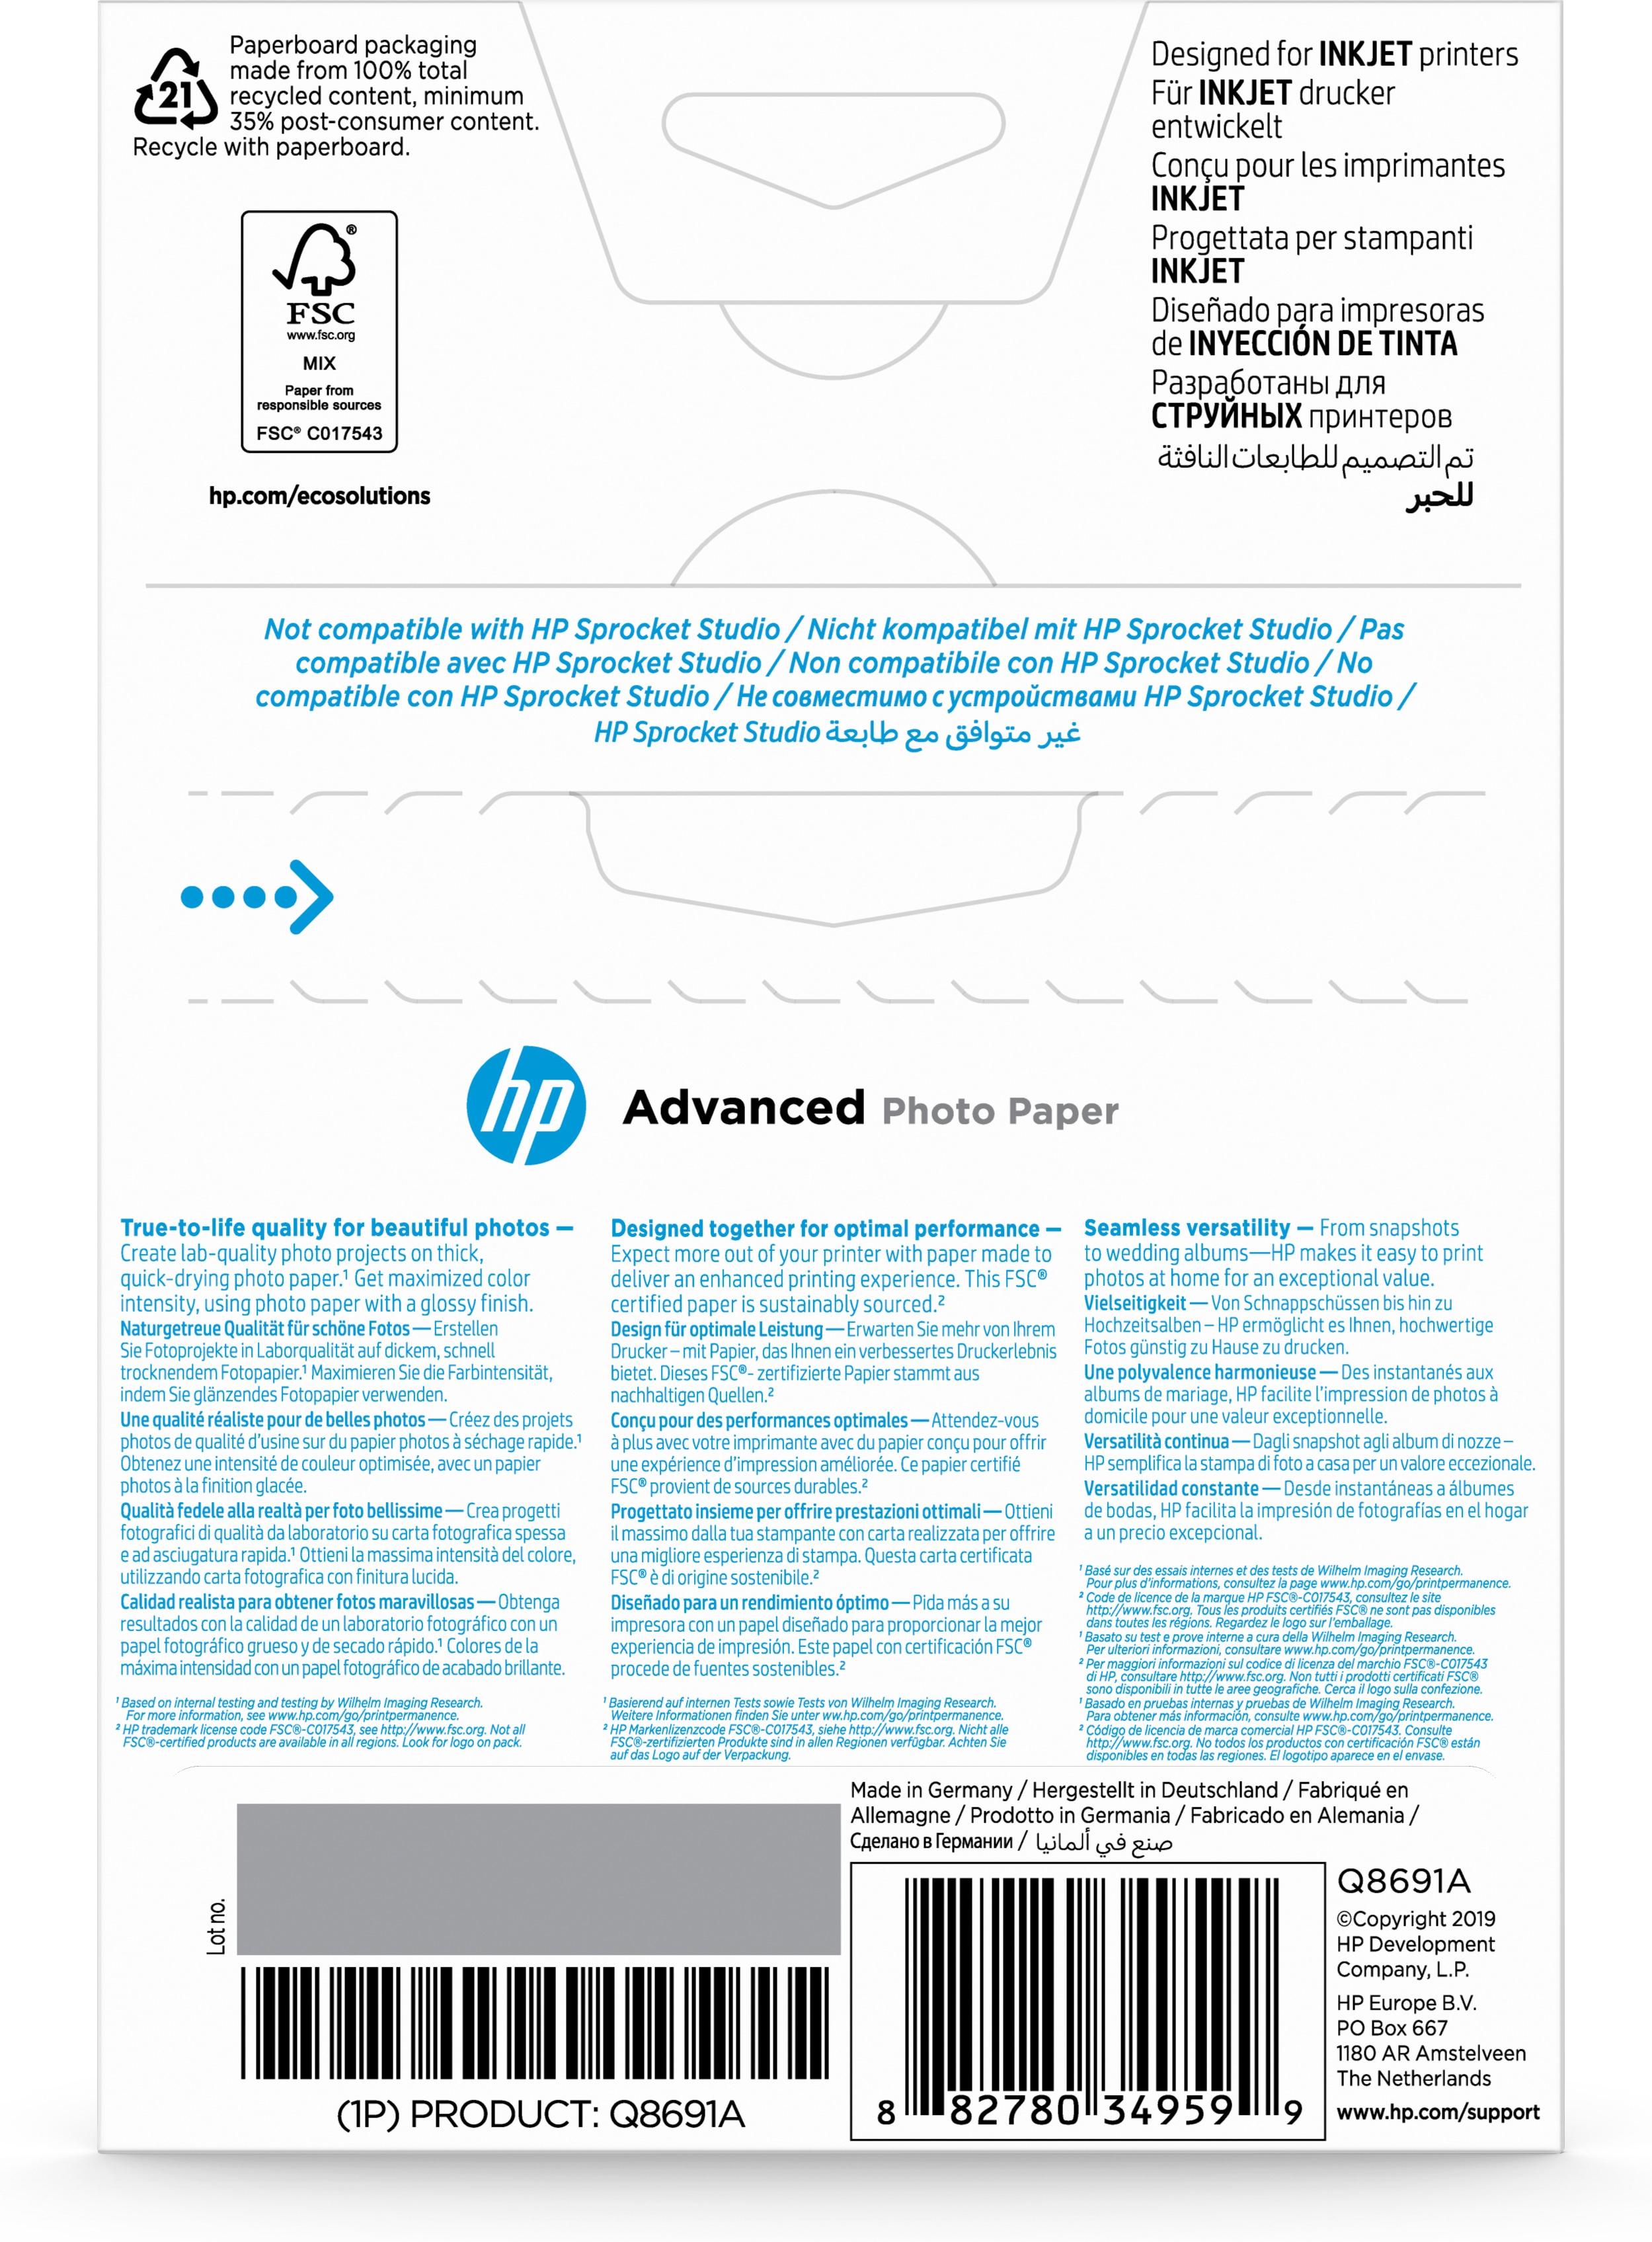 Q8691A Advanced Photo Paper (10 x 15 cm, 250 g/m², 25 vellen)